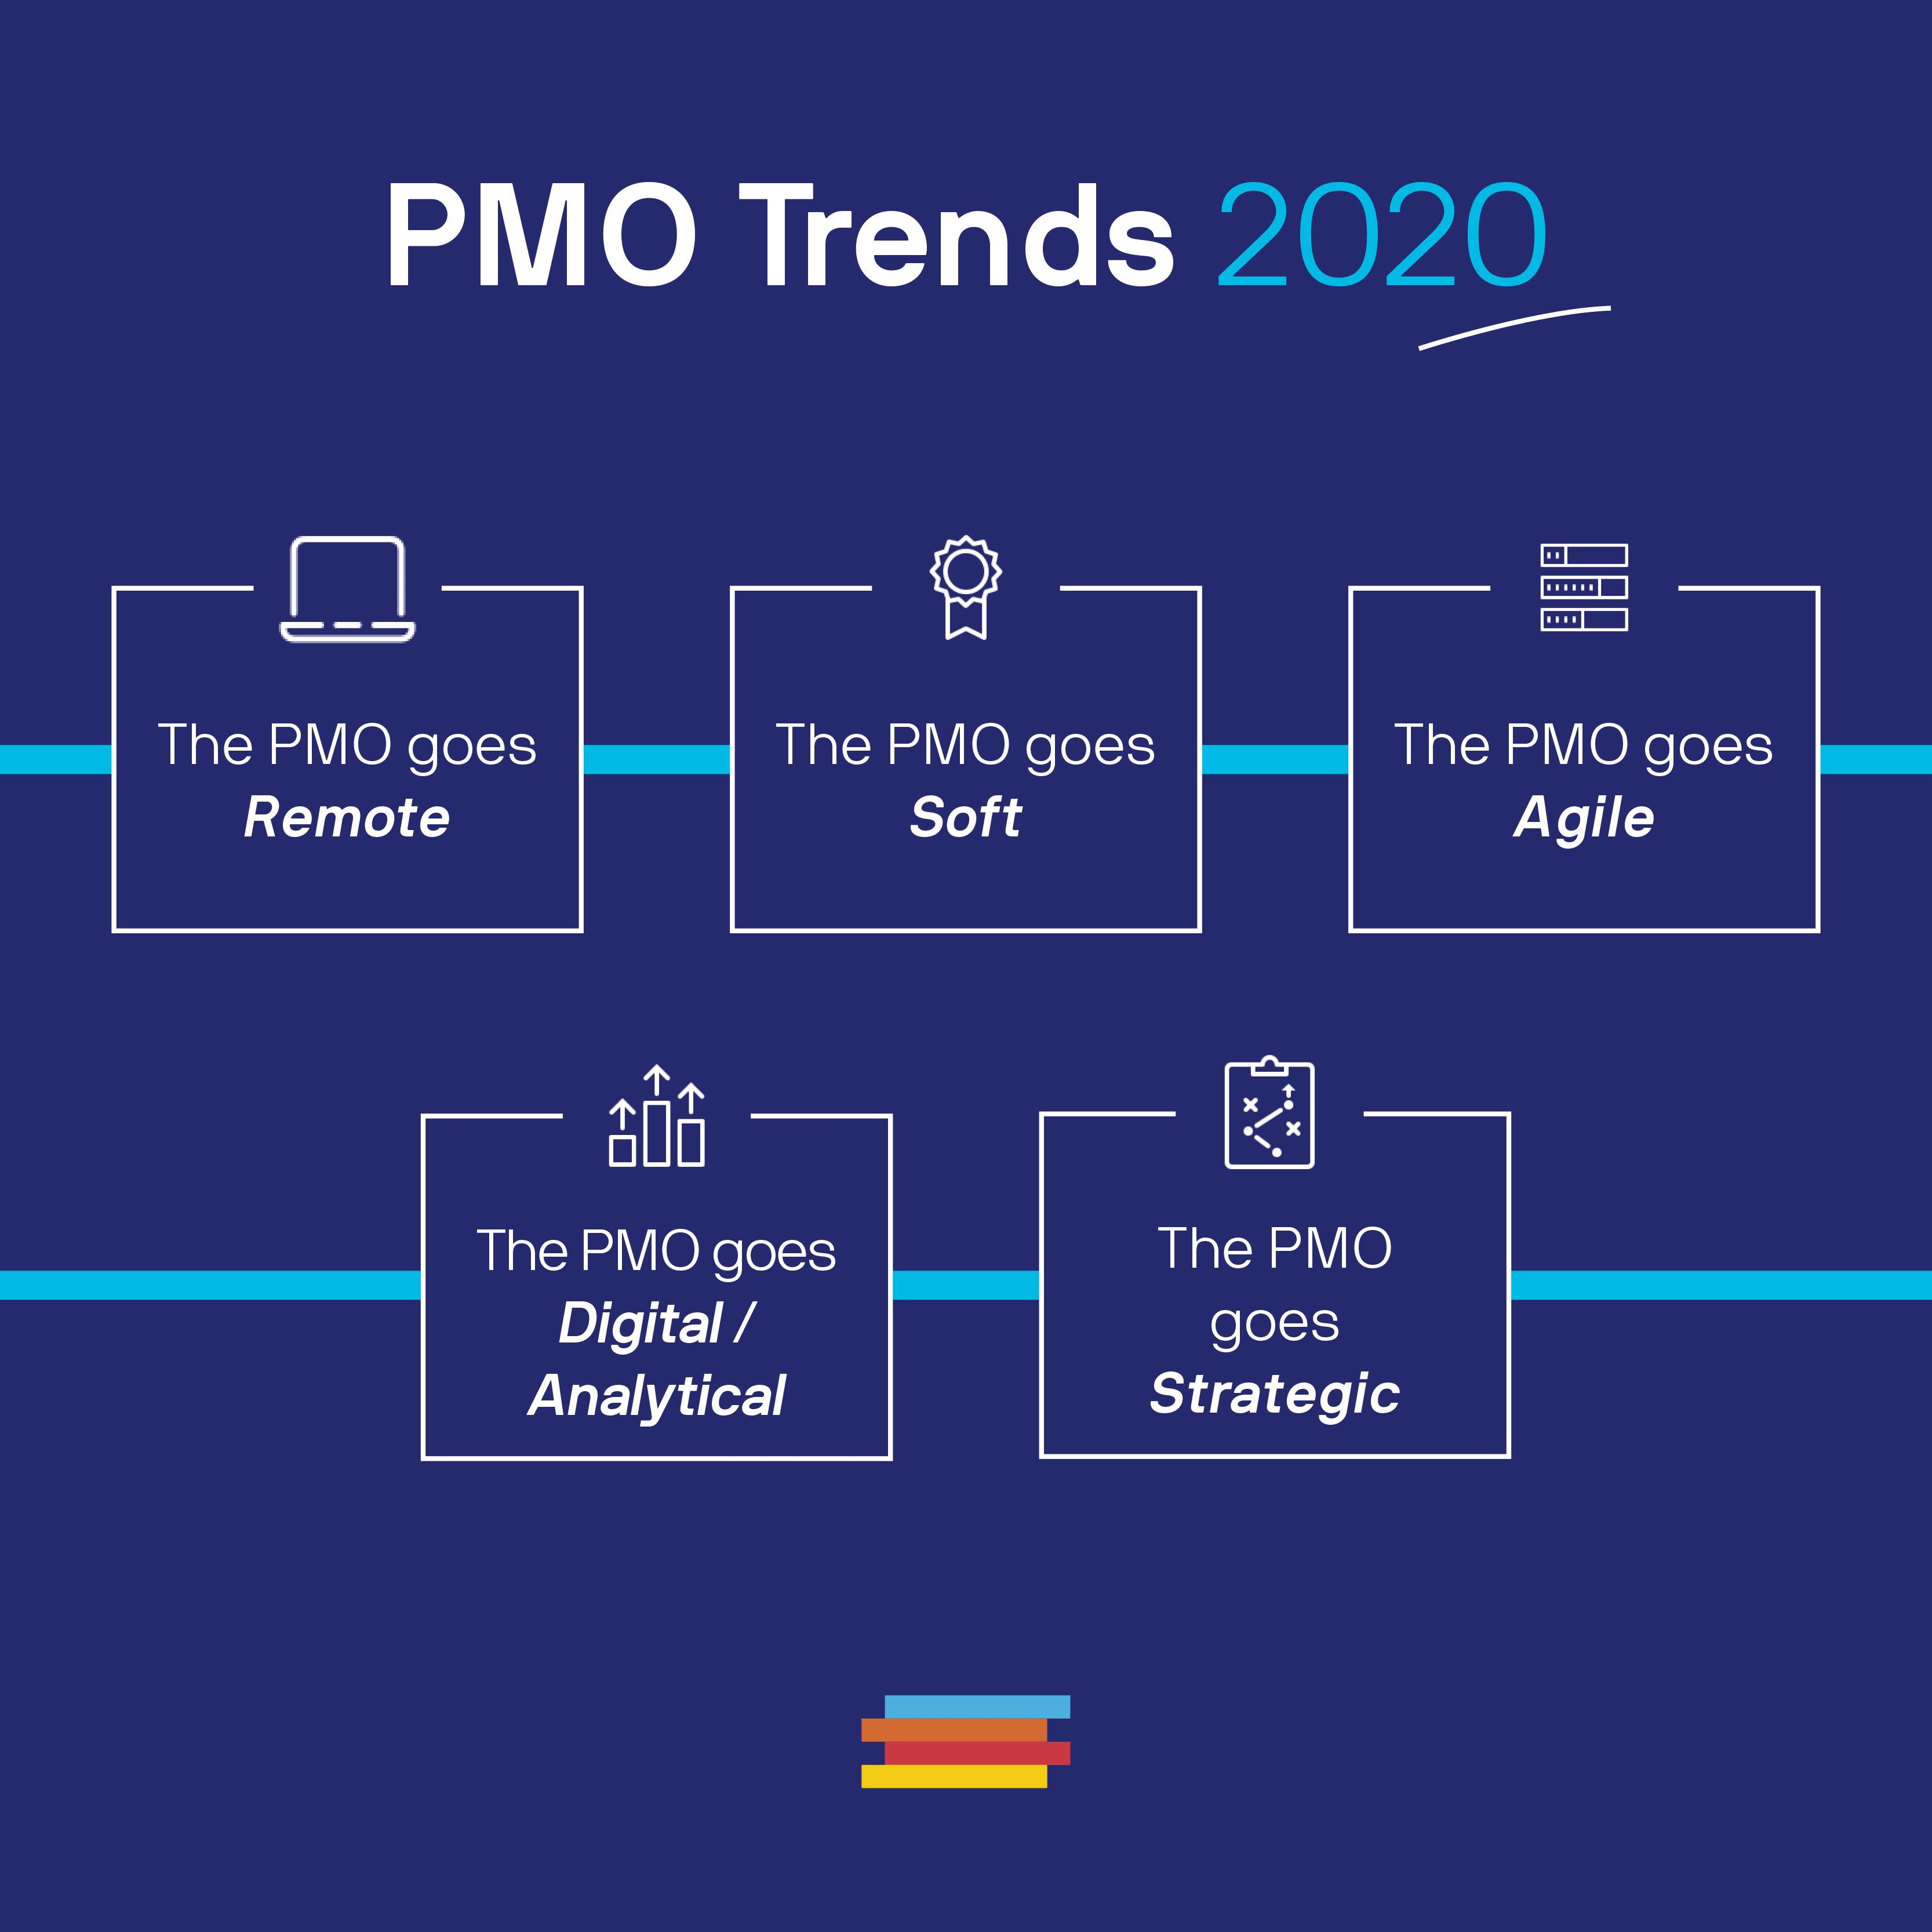 Graphic PMO Trends 2020